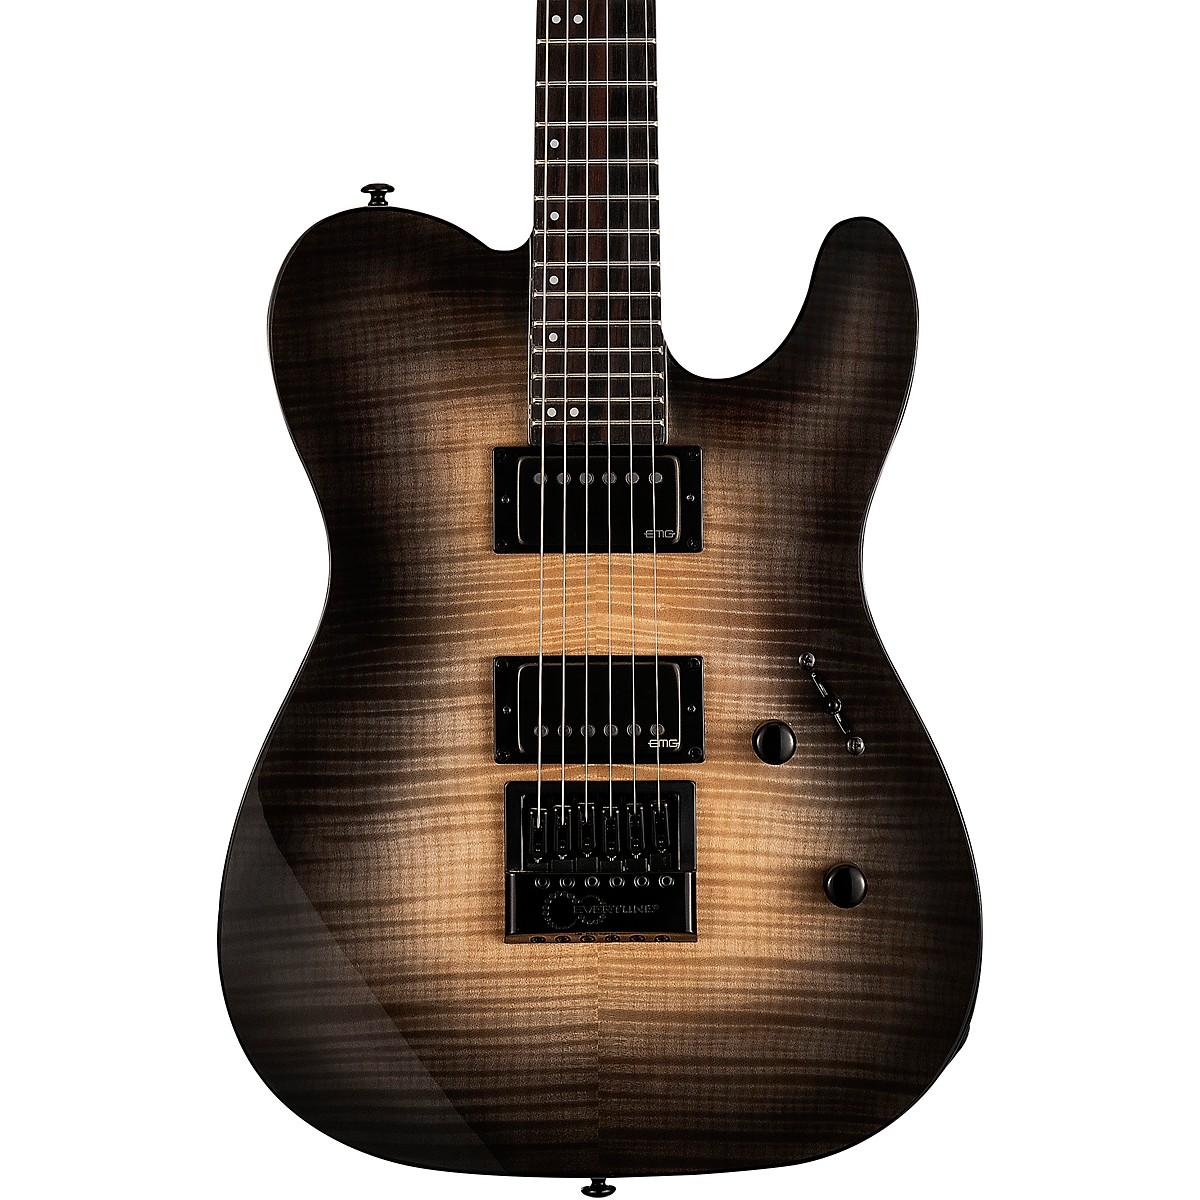 ESP LTD TE-1000 Evertune Electric Guitar